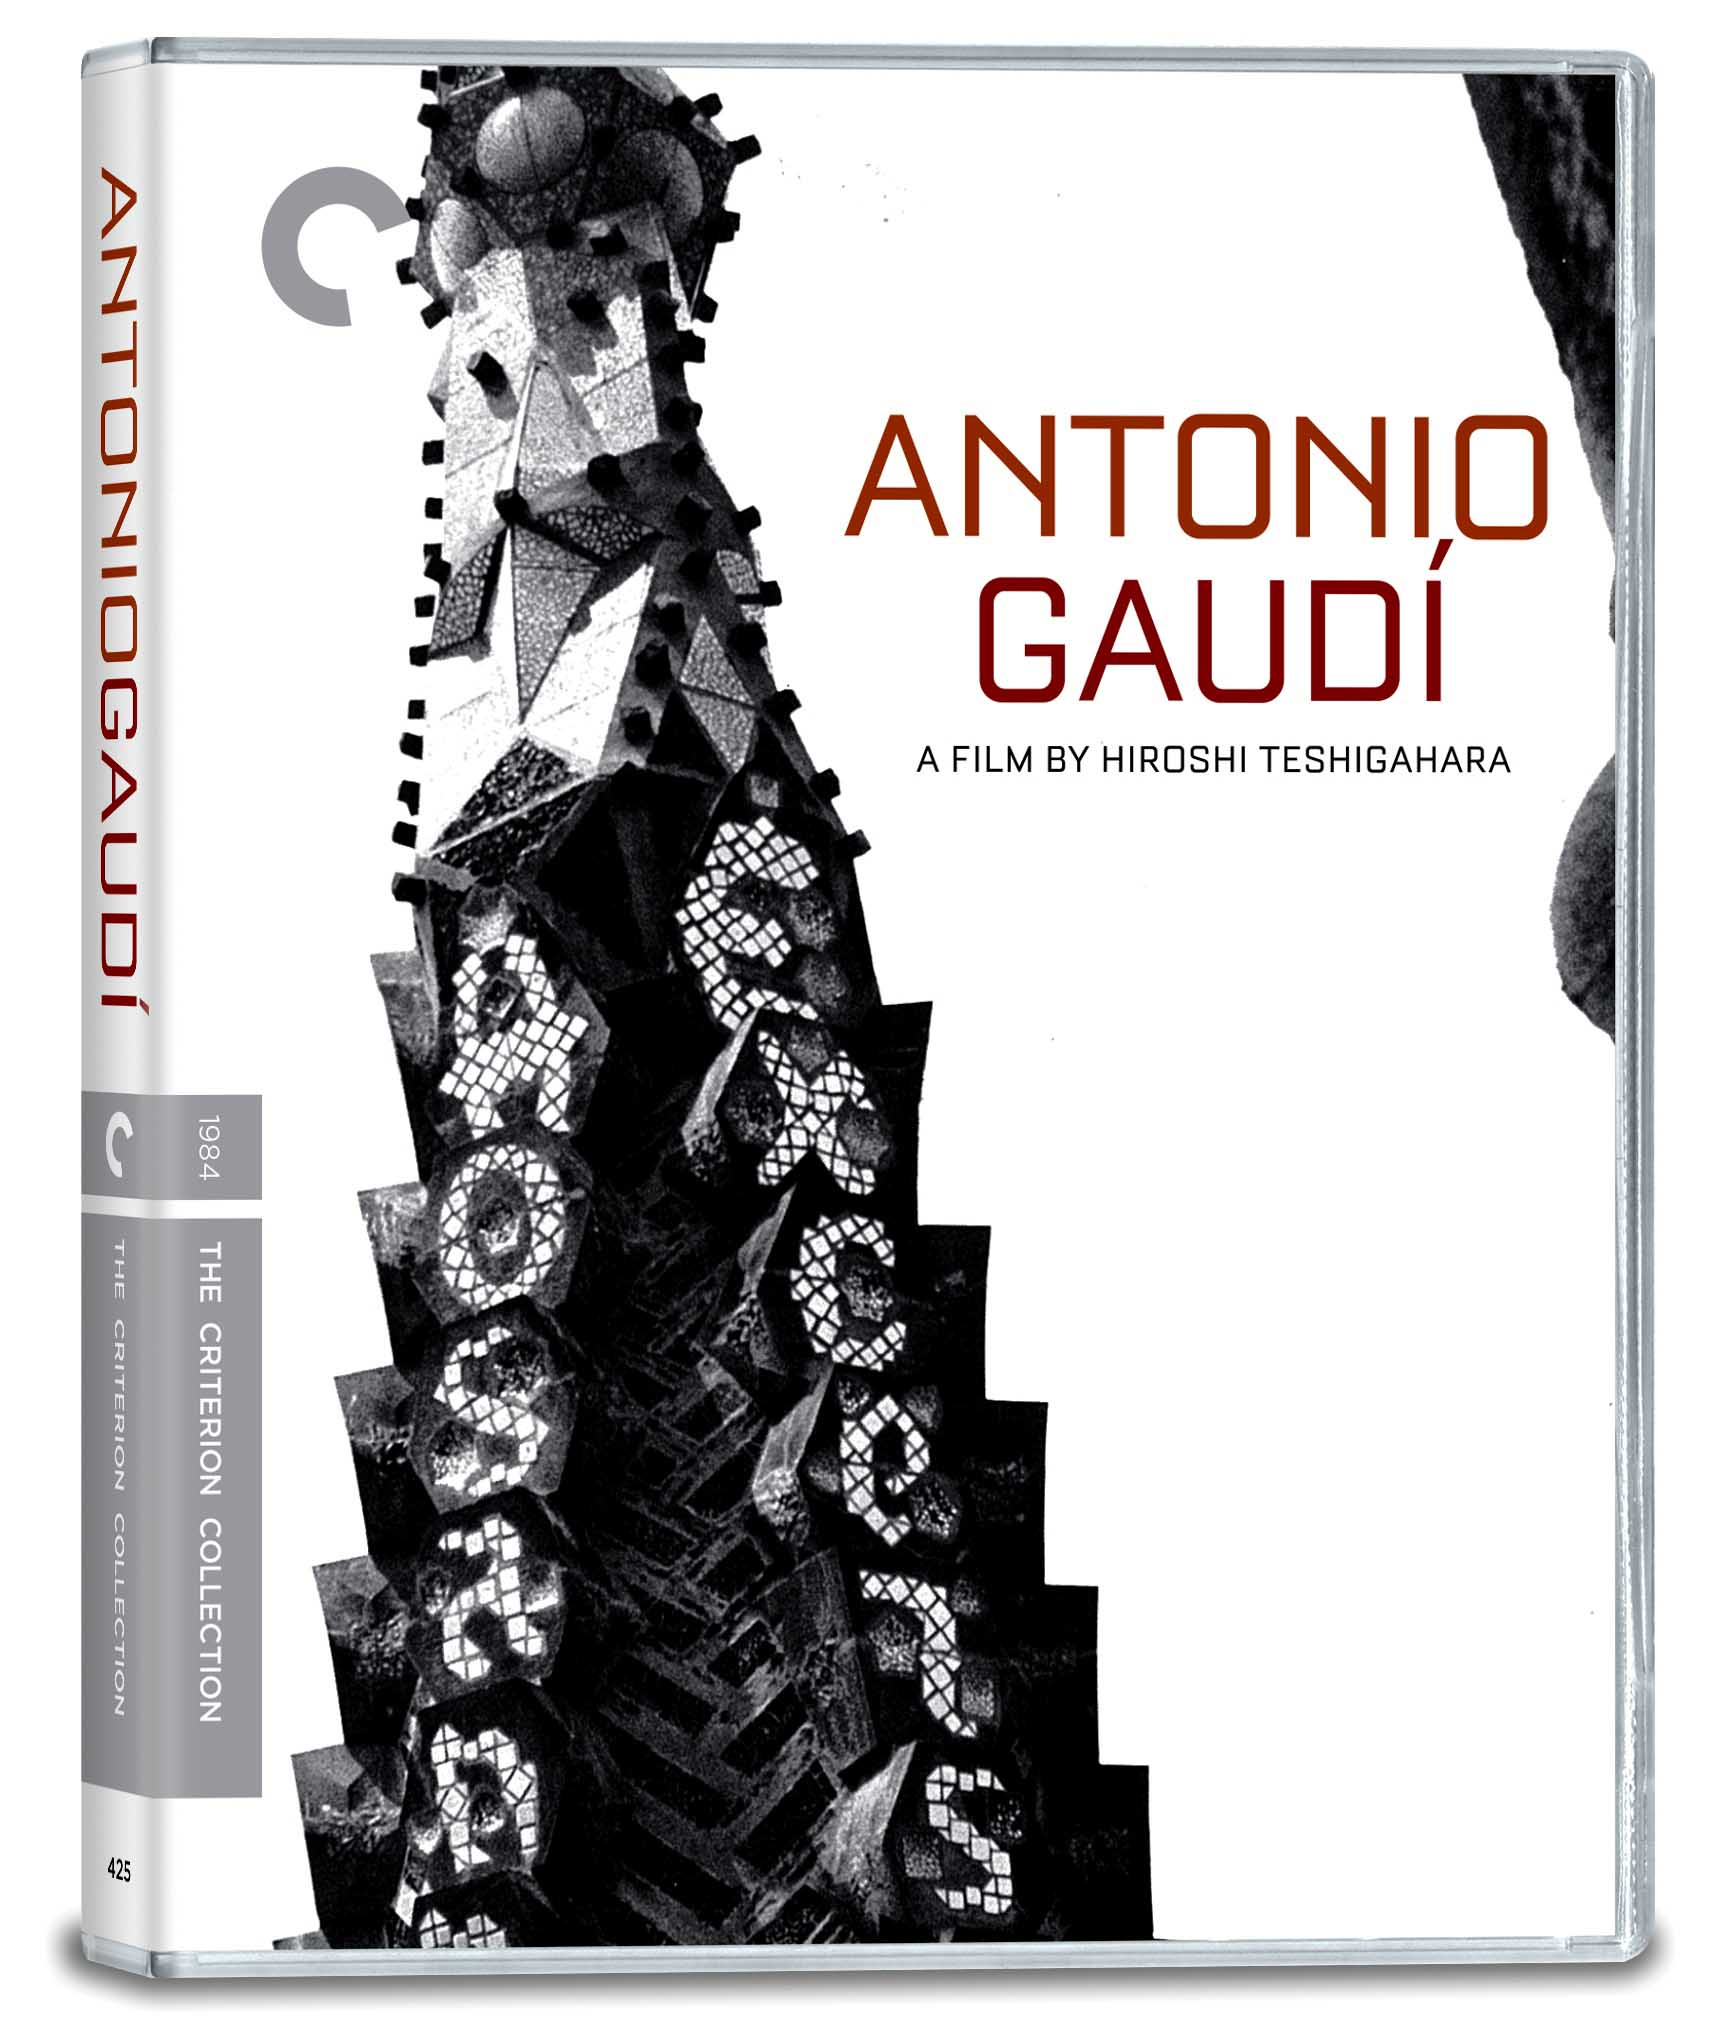 Buy Antoni Gaudí (Blu-ray)